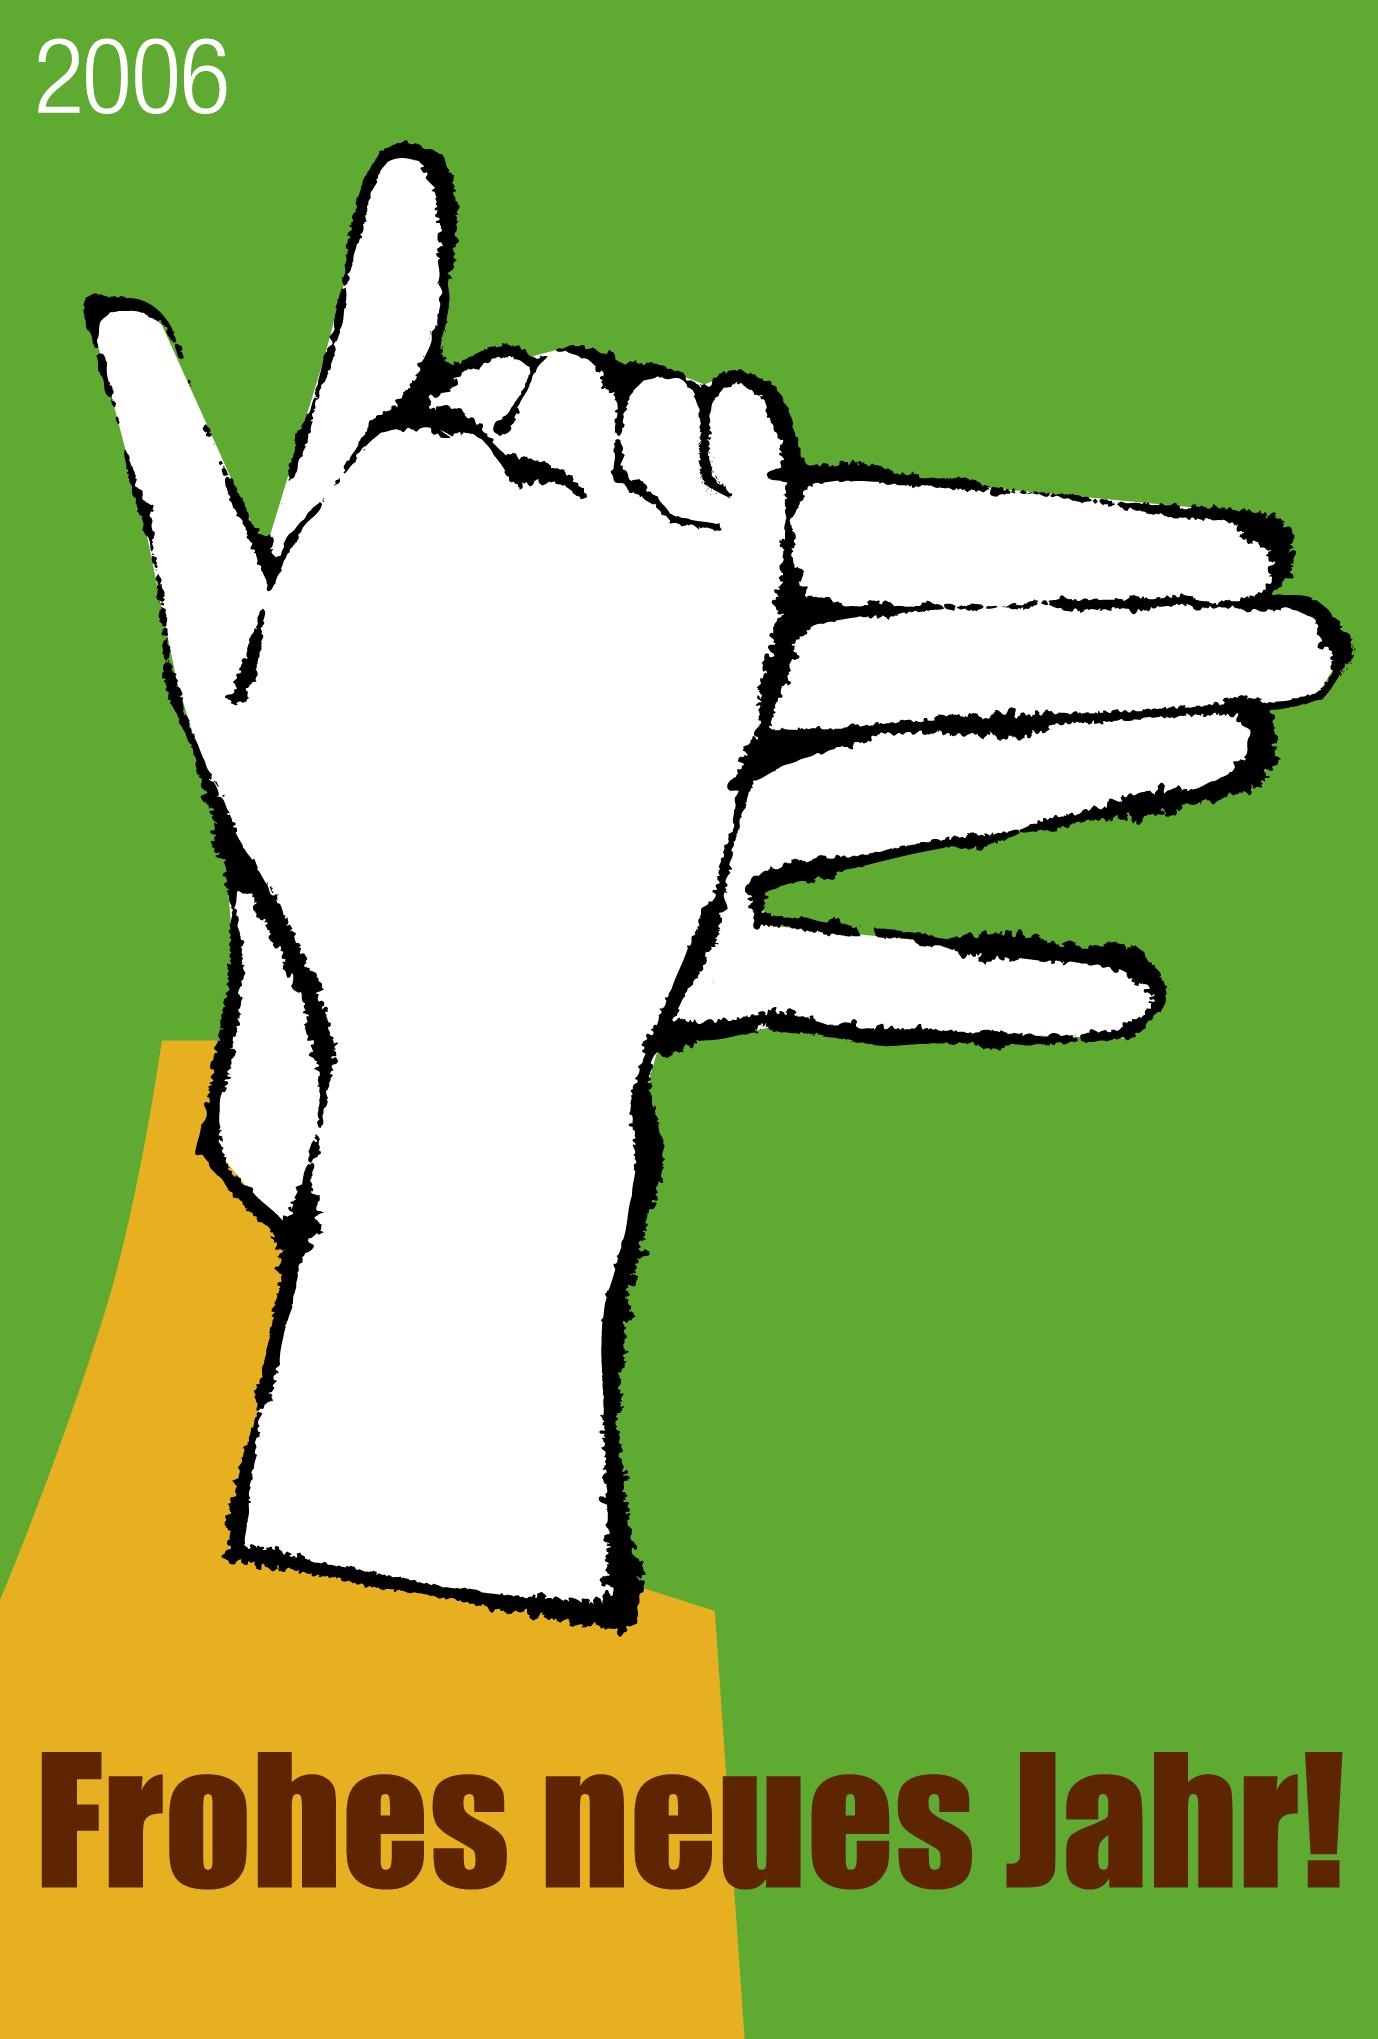 2006年賀状28:Hand made dog / Germanのダウンロード画像